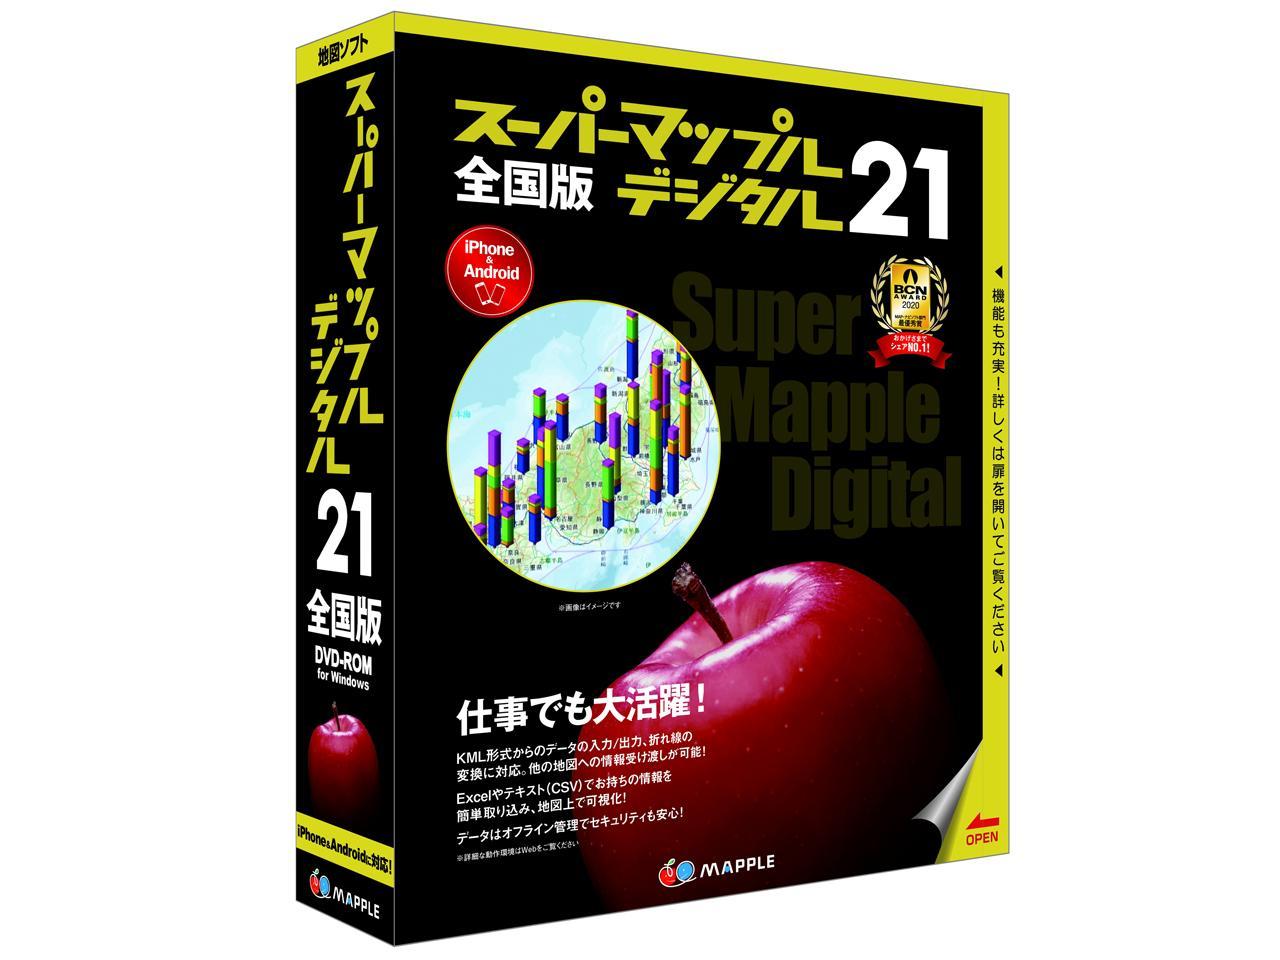 送料無料 ディスカウント ジャングル スーパーマップル JS995513 NEW ARRIVAL デジタル21全国版 smtb-s